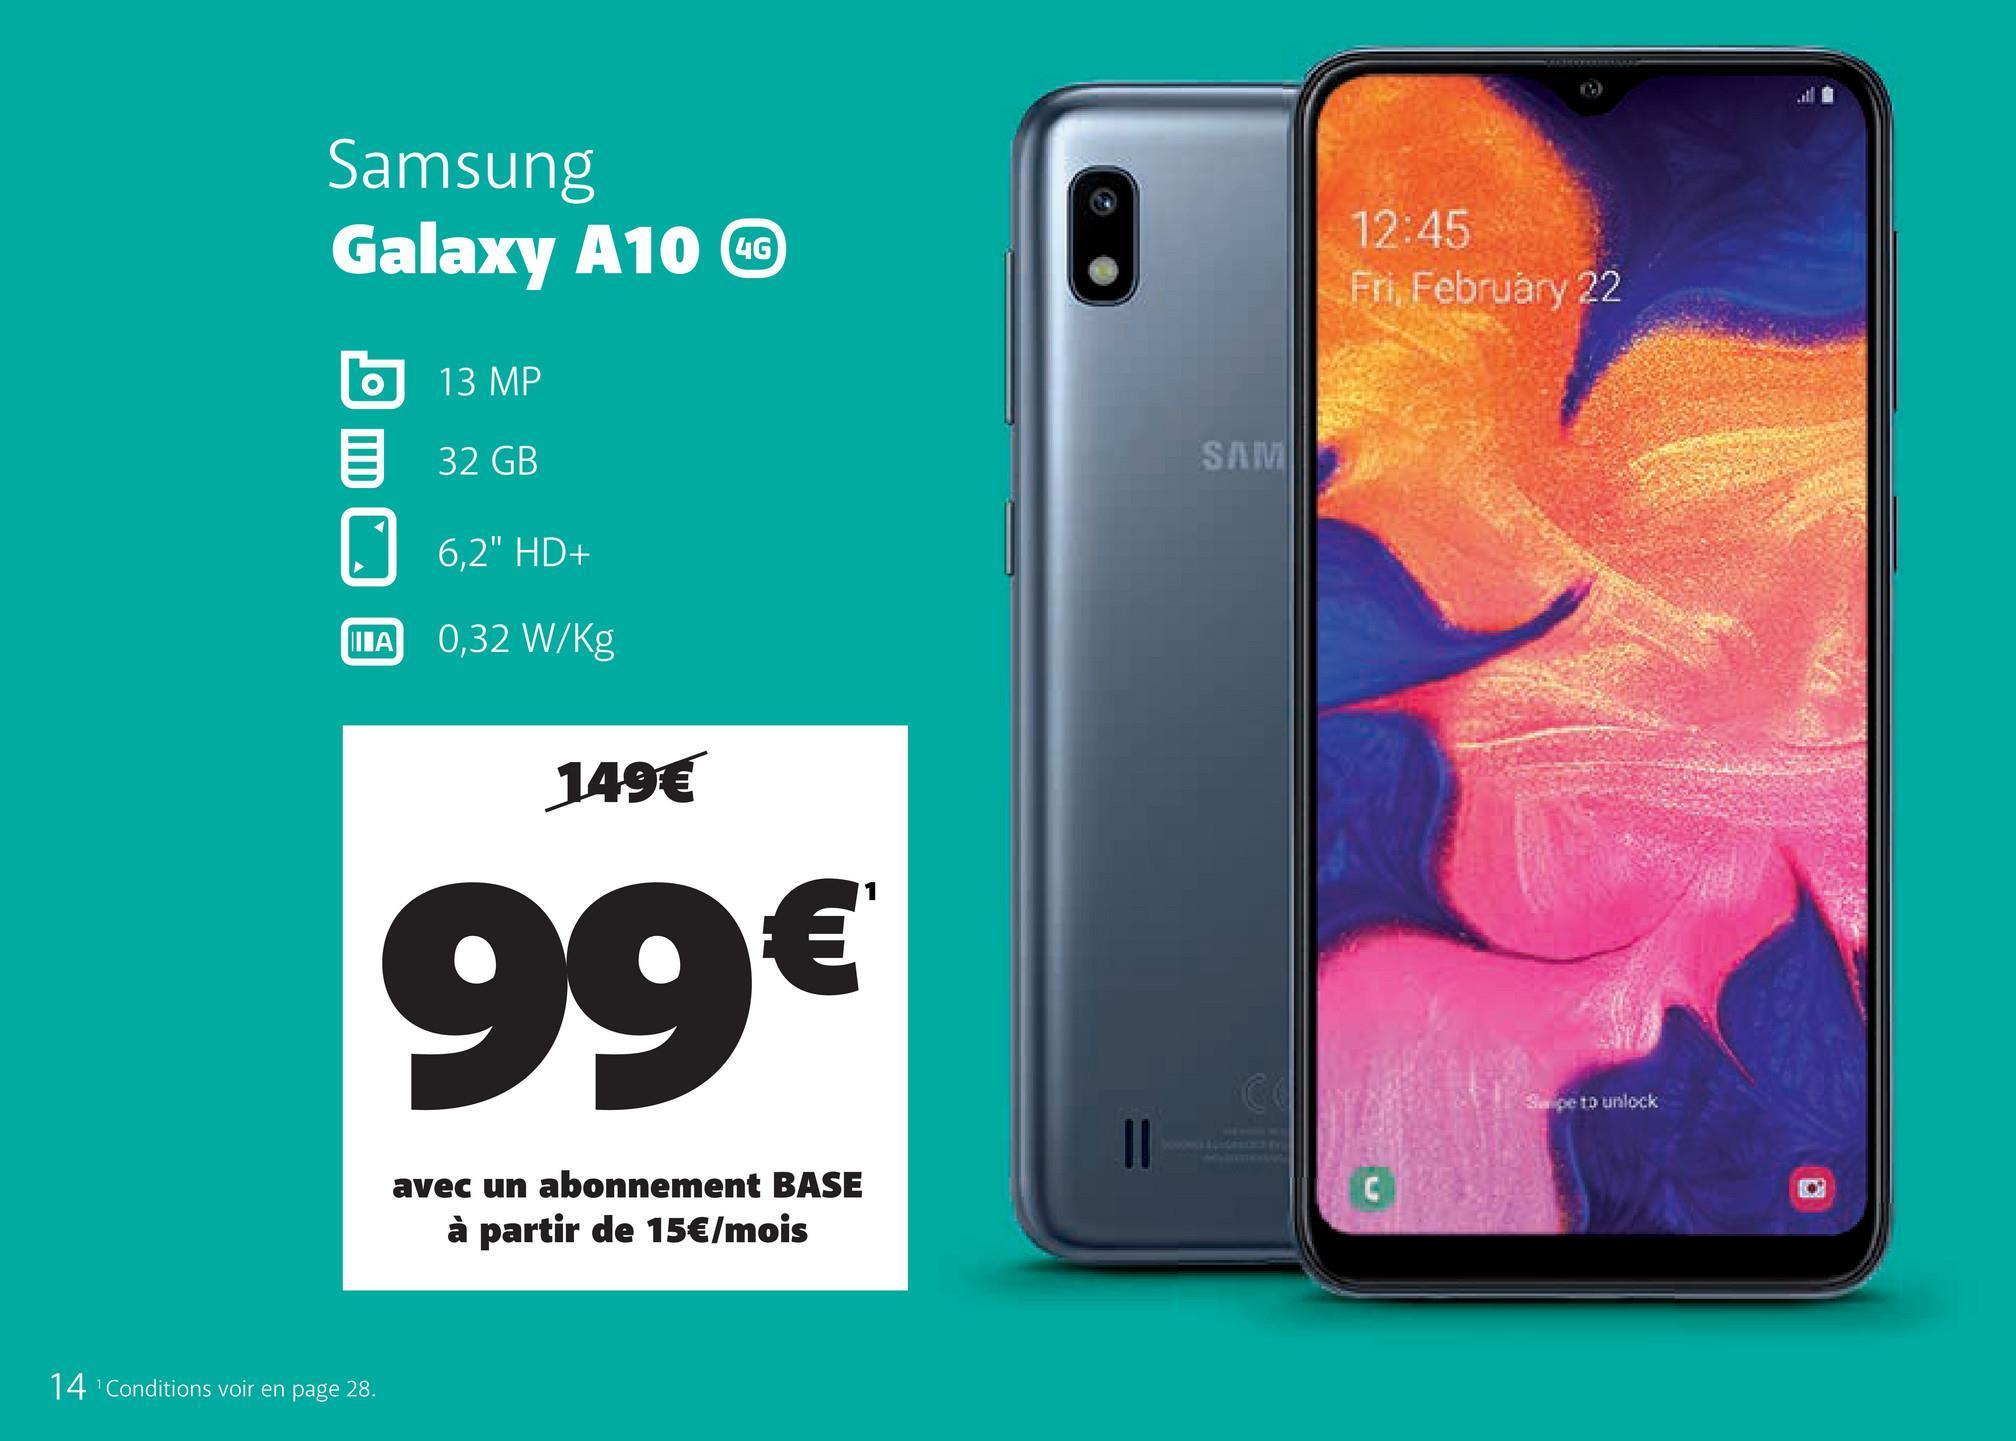 """Samsung Galaxy A10 UG 12:45 Fri, February 22 13 MP 32 GB SAM 6,2"""" HD+ TA 0,32 W/kg 149€ et unlock avec un abonnement BASE à partir de 15€/mois 14 Conditions voir en page 28."""